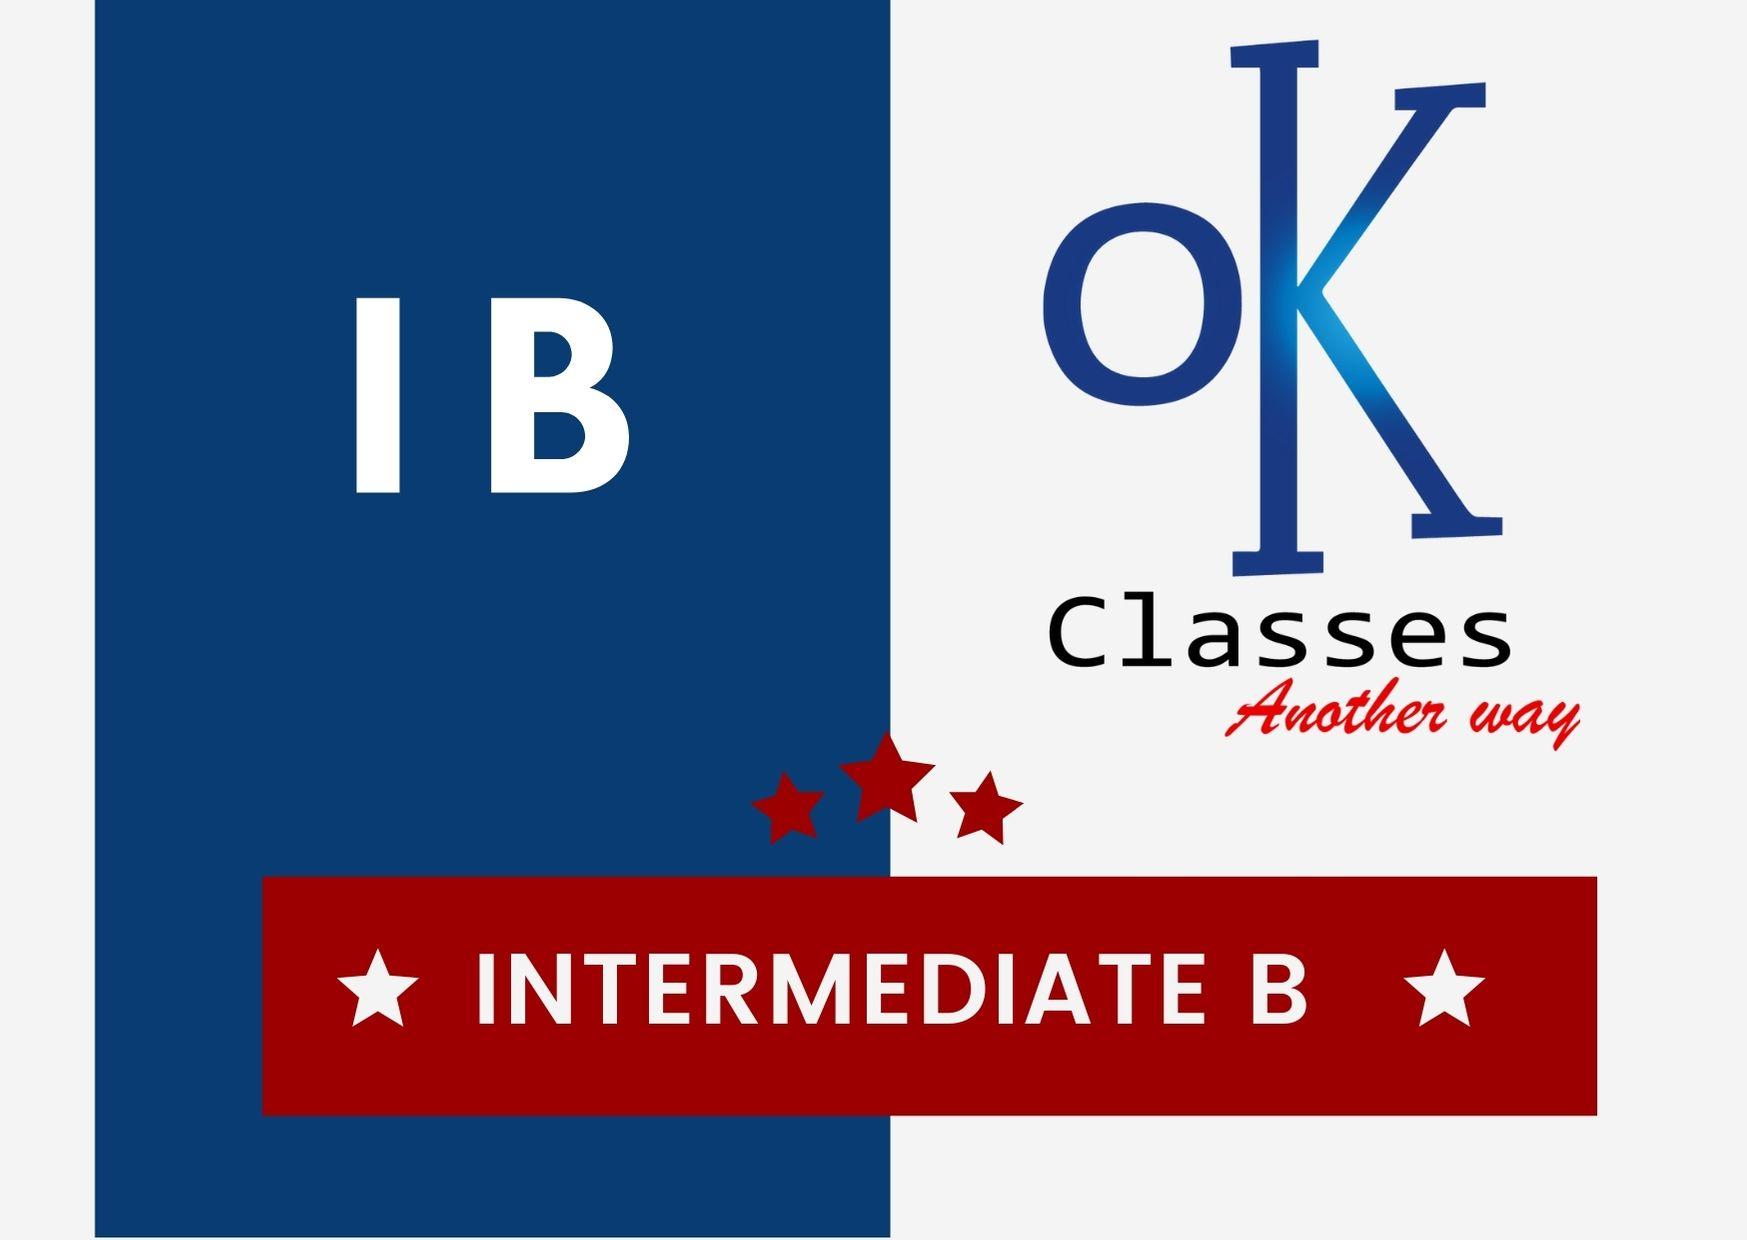 Ok Classes Intermediate B